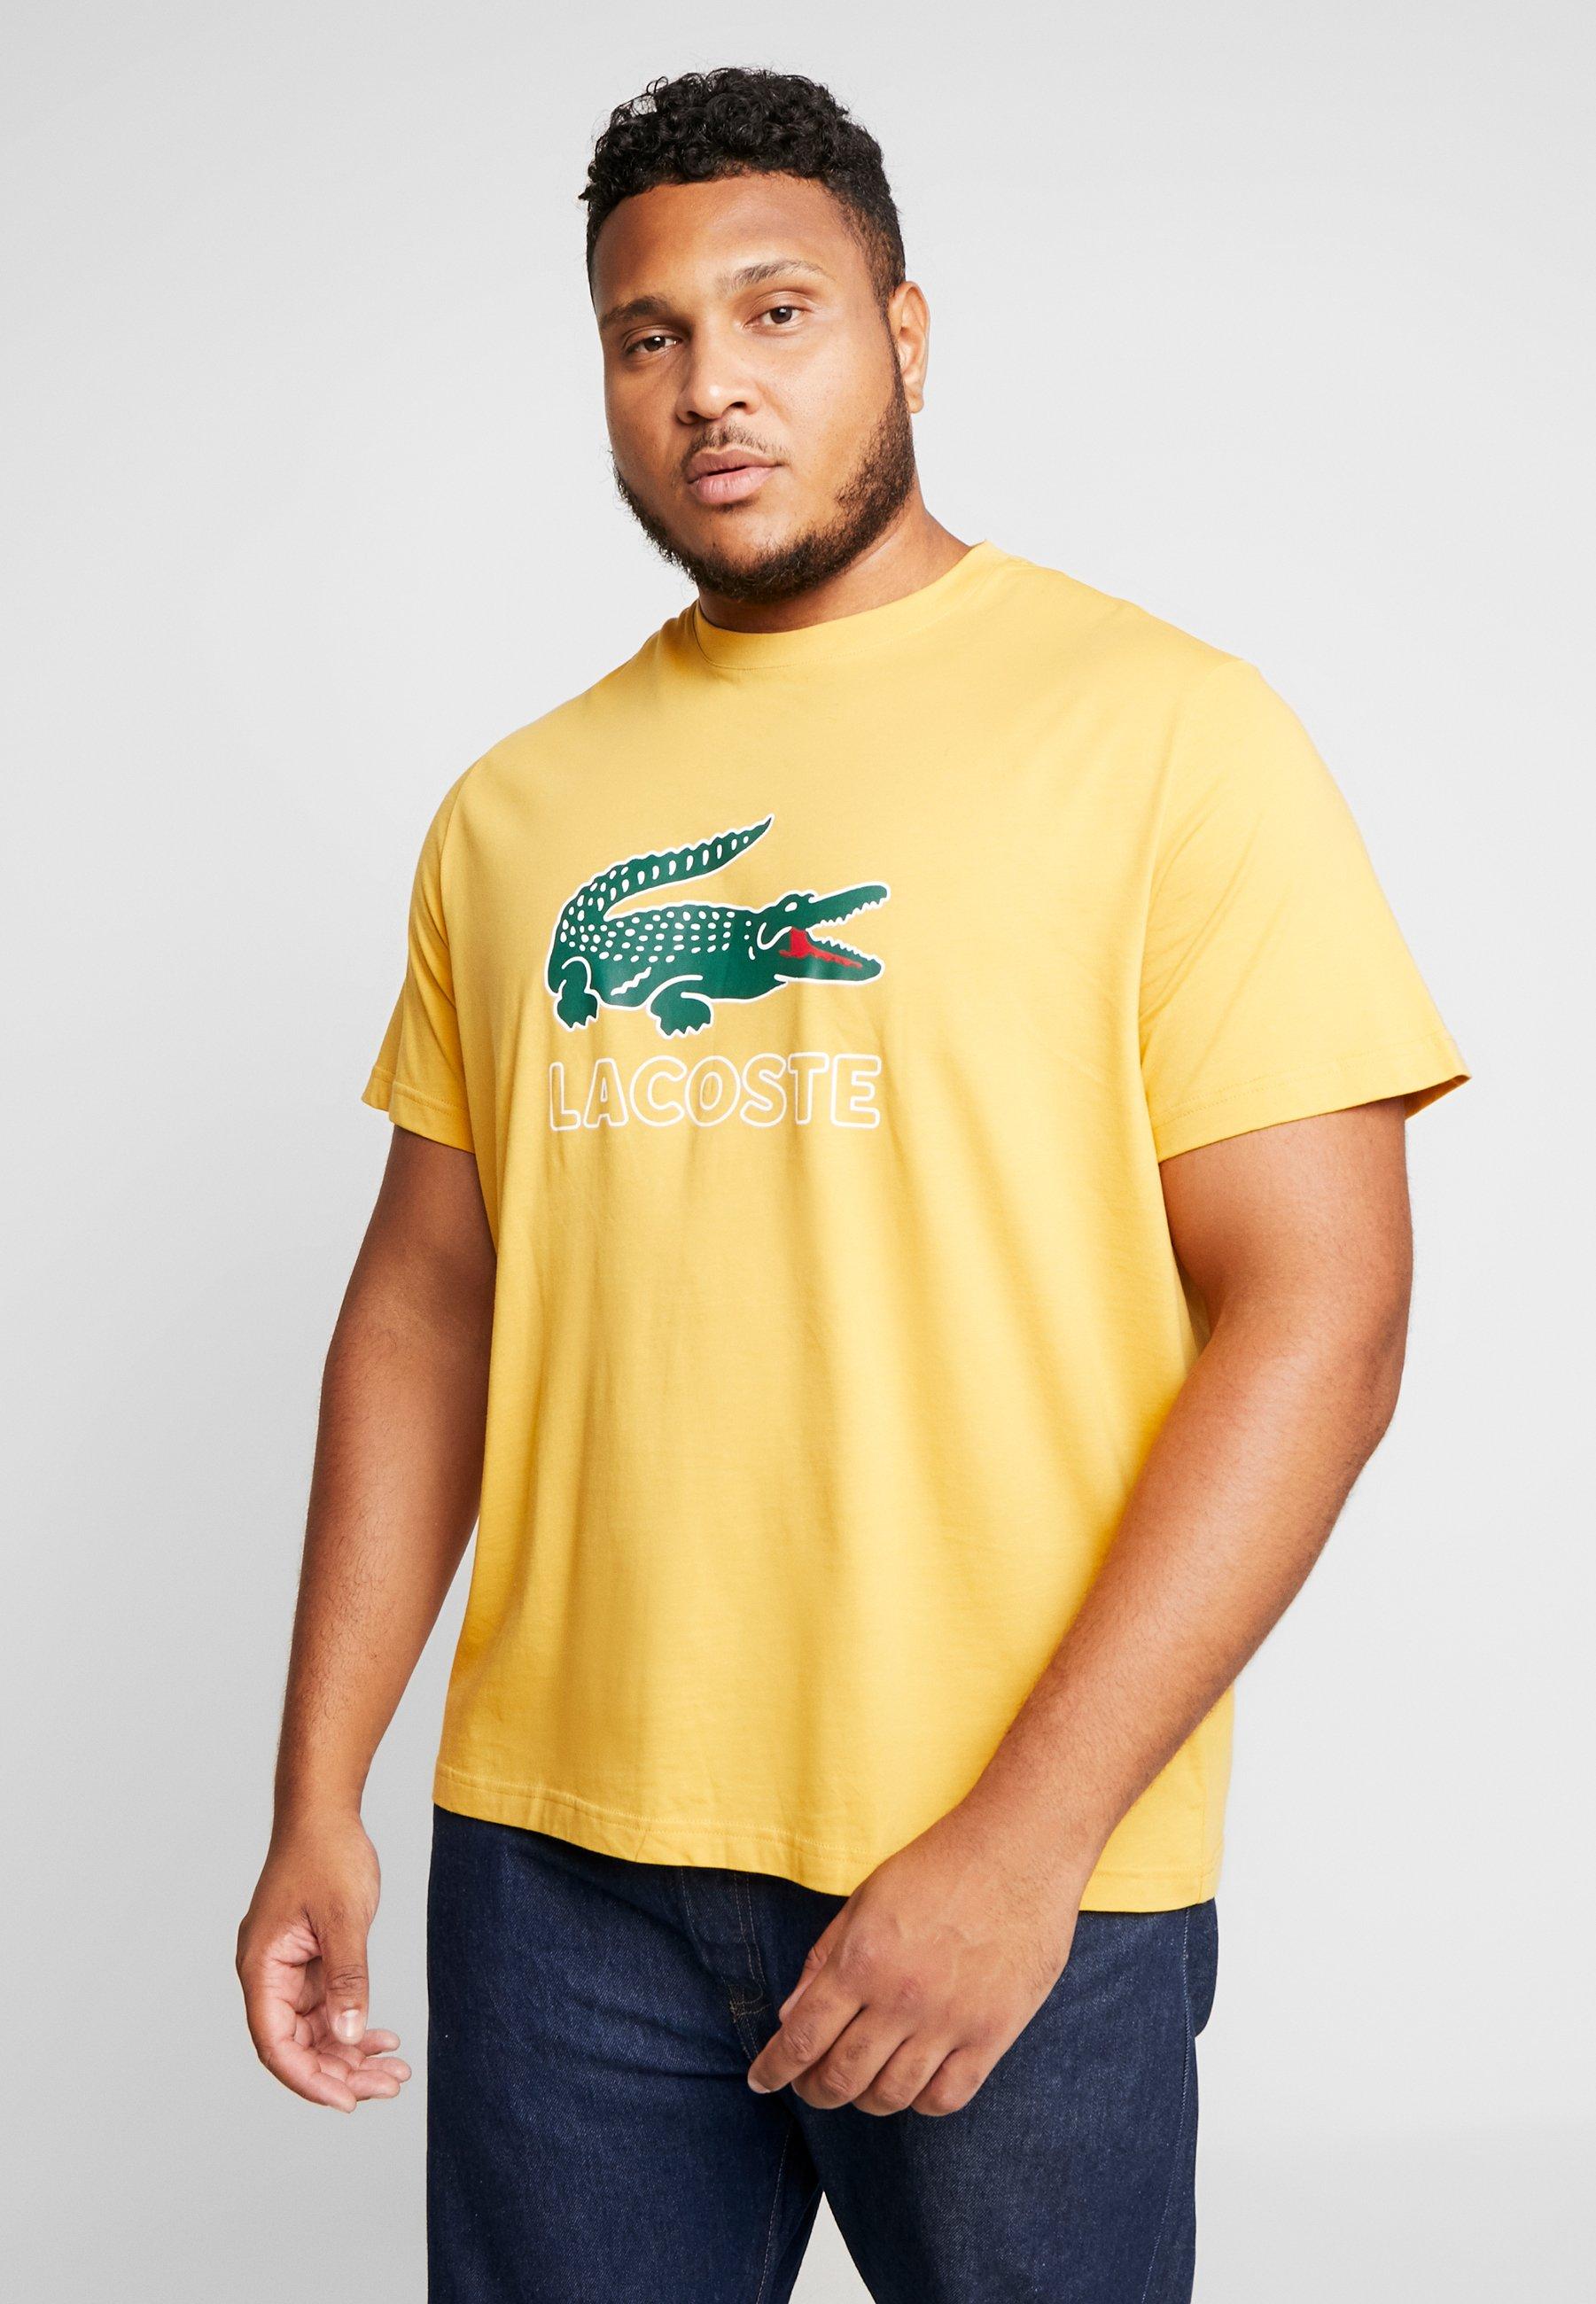 Lacoste T T T ImpriméDarjali Lacoste ImpriméDarjali shirt shirt Lacoste cARqjL354S